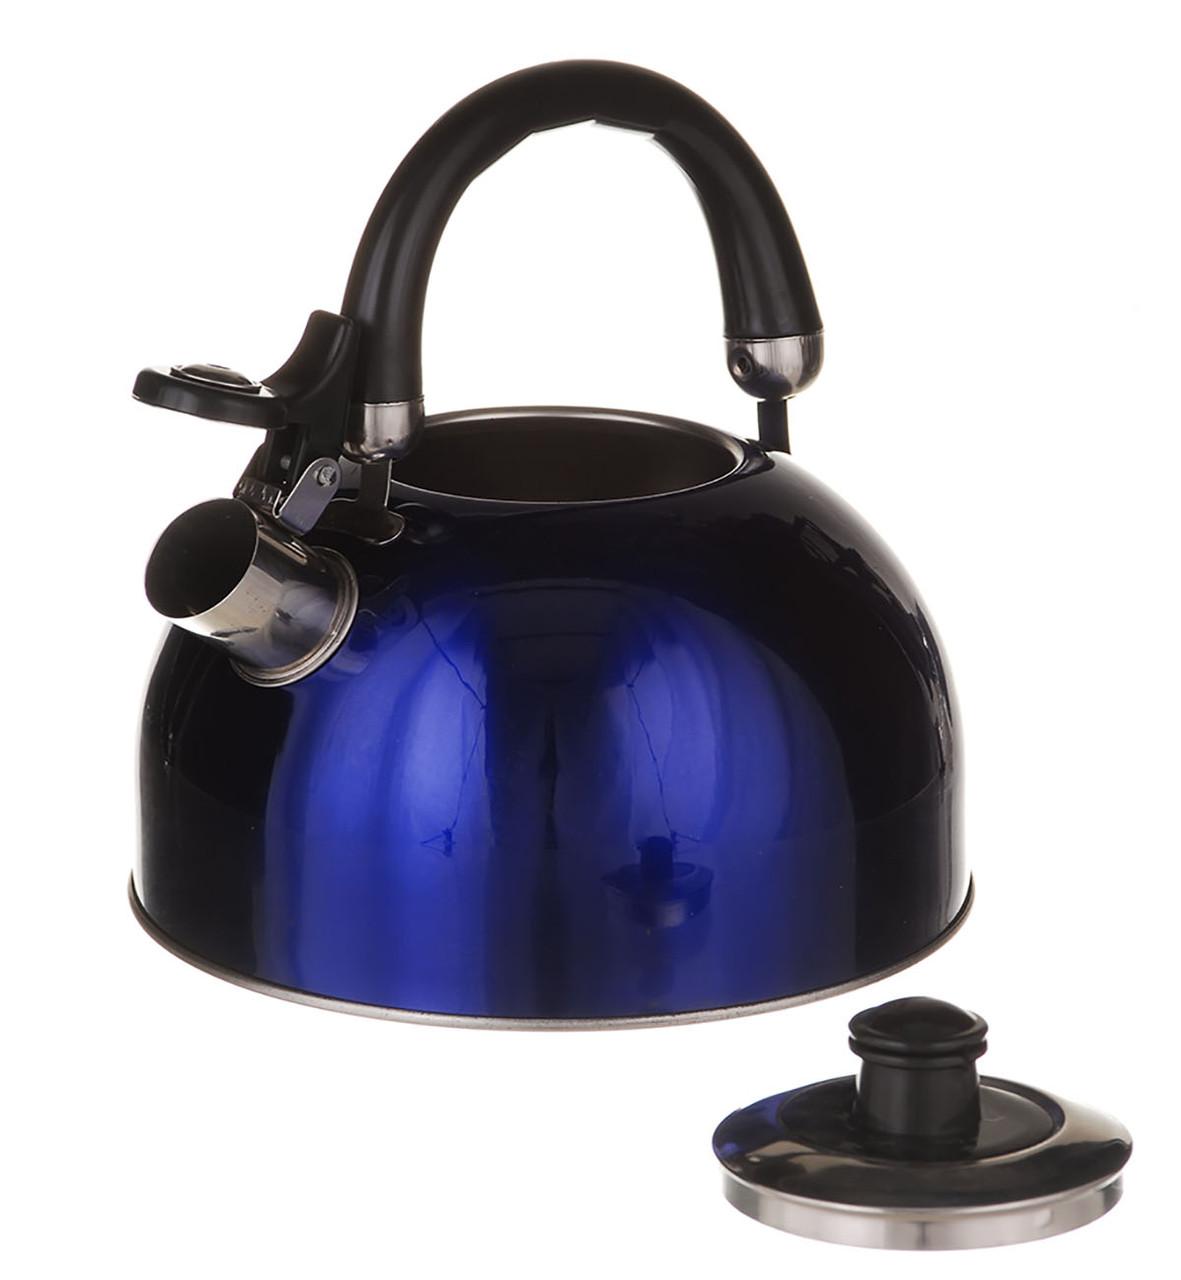 Чайник на плиту 2,5 литра три цвета